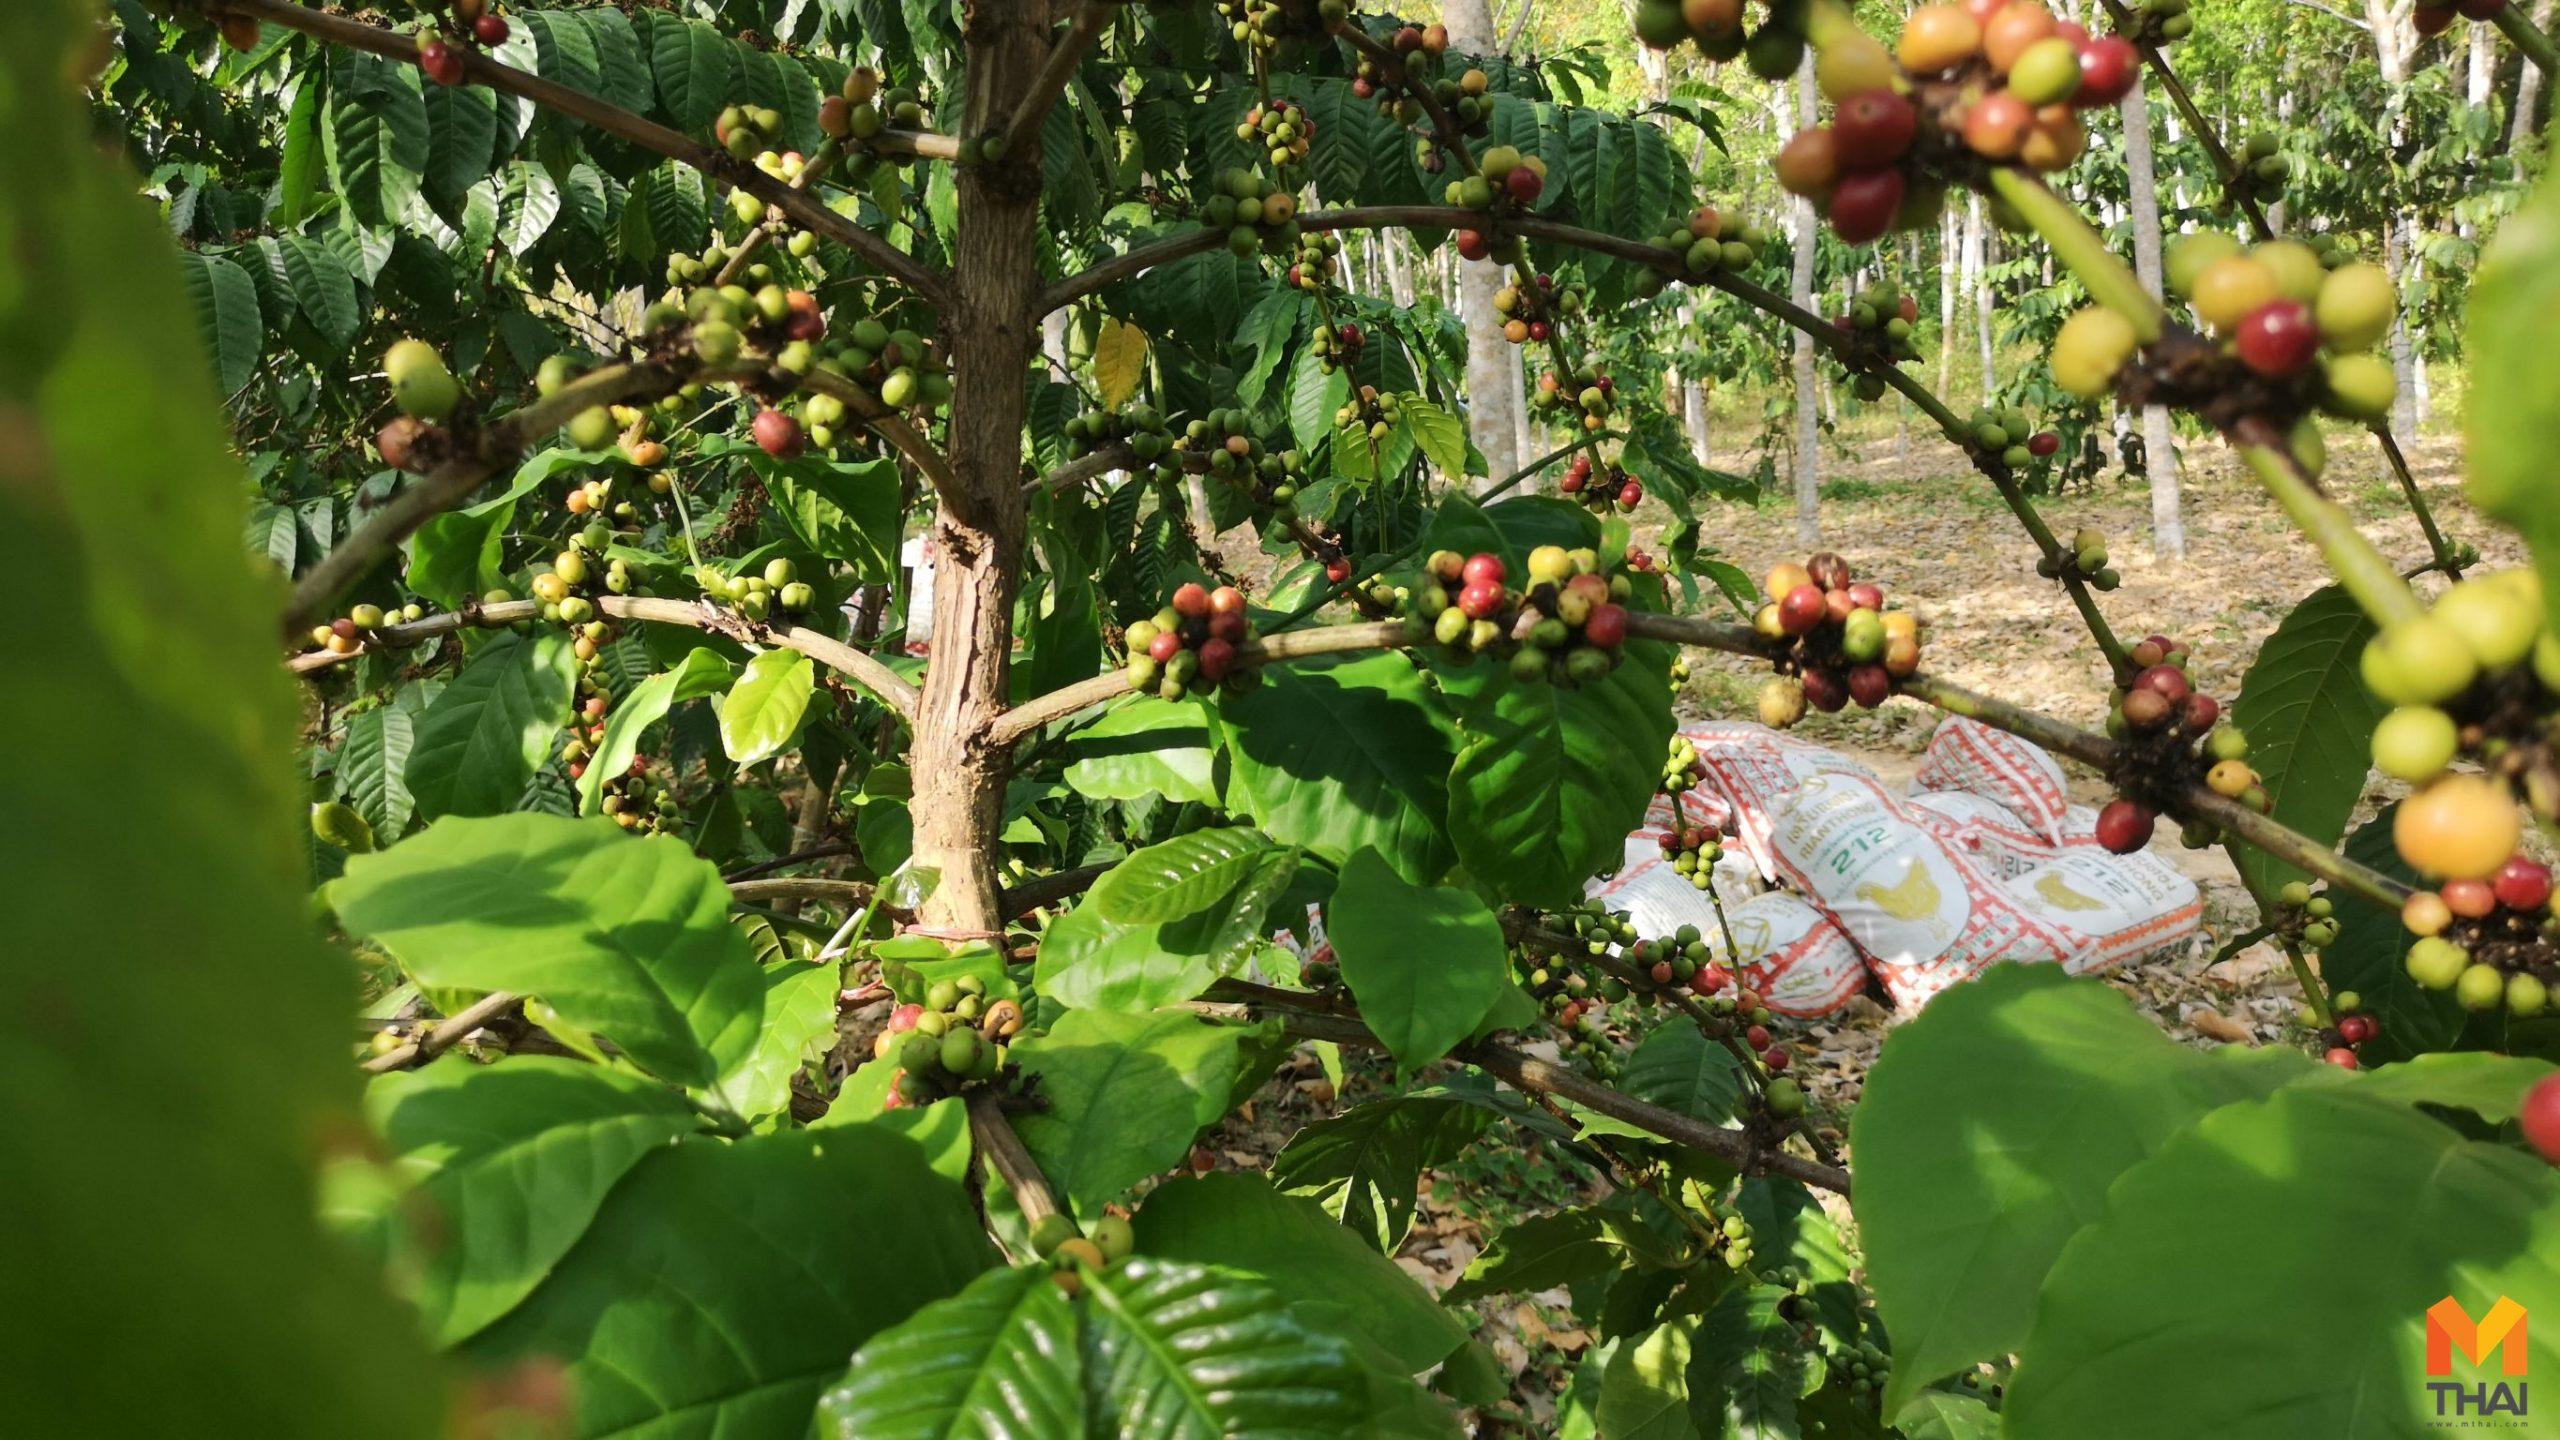 กาแฟ ข่าวภูมิภาค ปลูกกาแฟ สวนยาง เกษตรสร้างรายได้